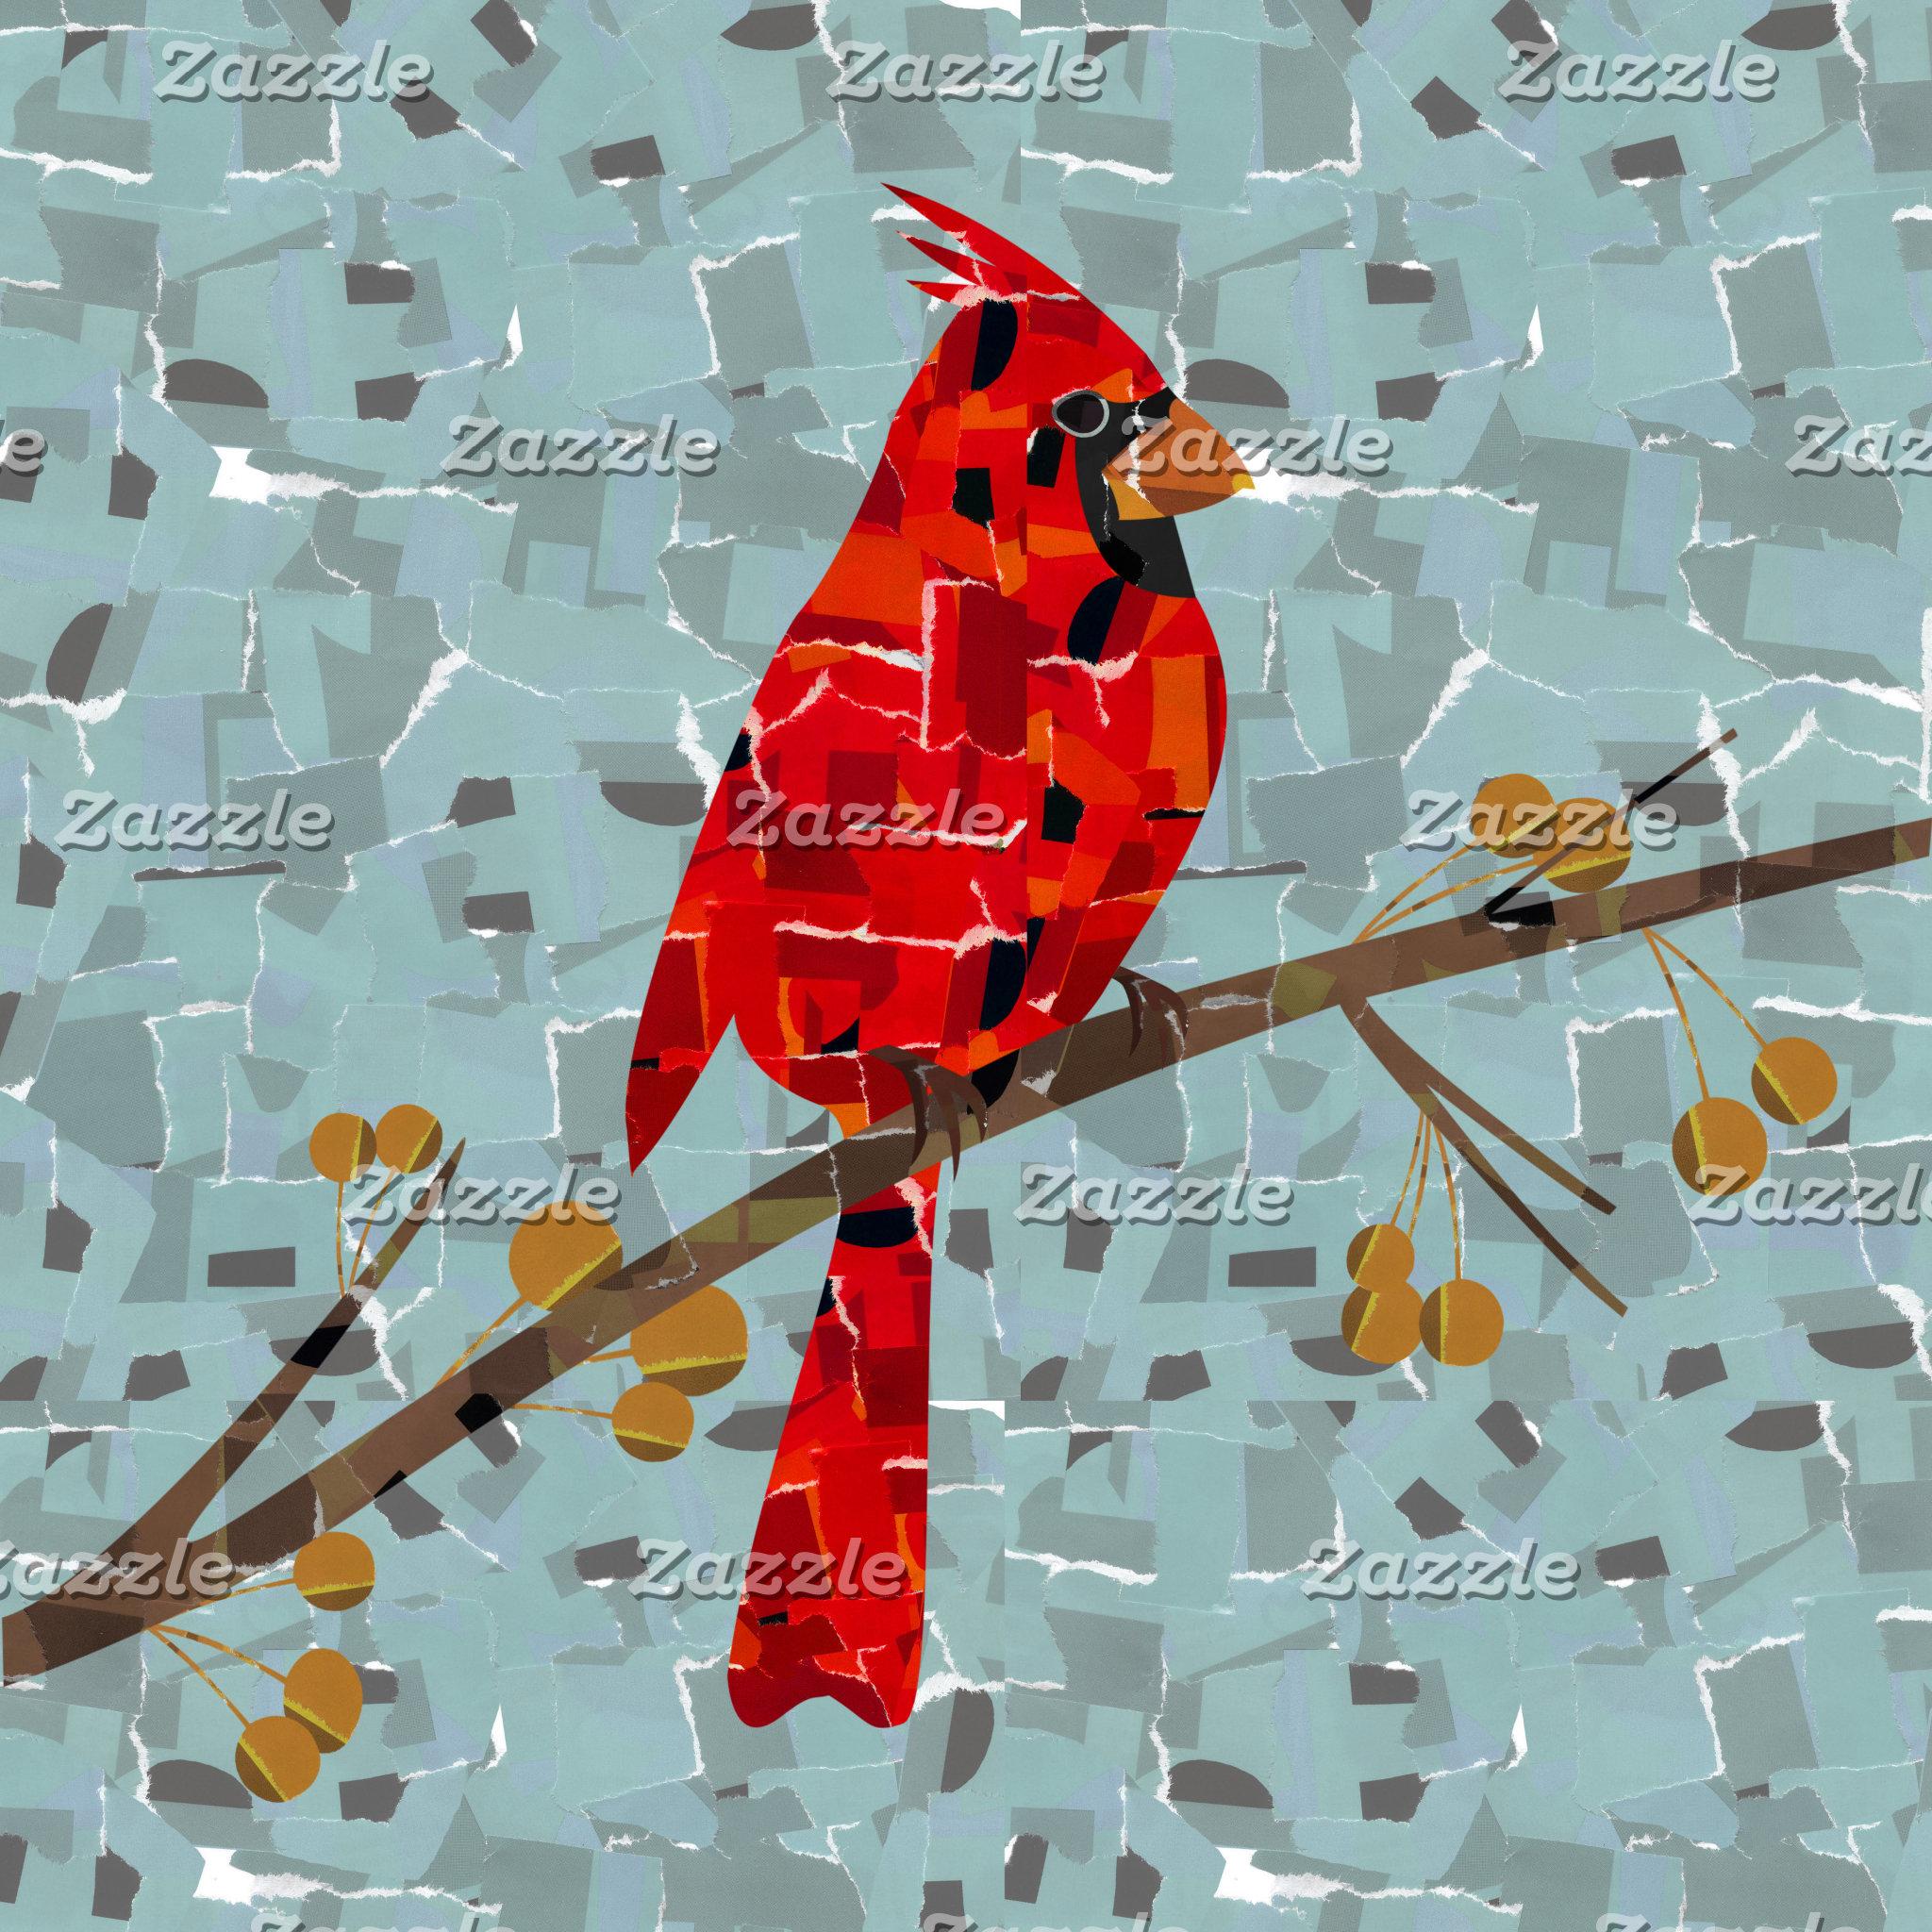 Cardinal bird mosaic